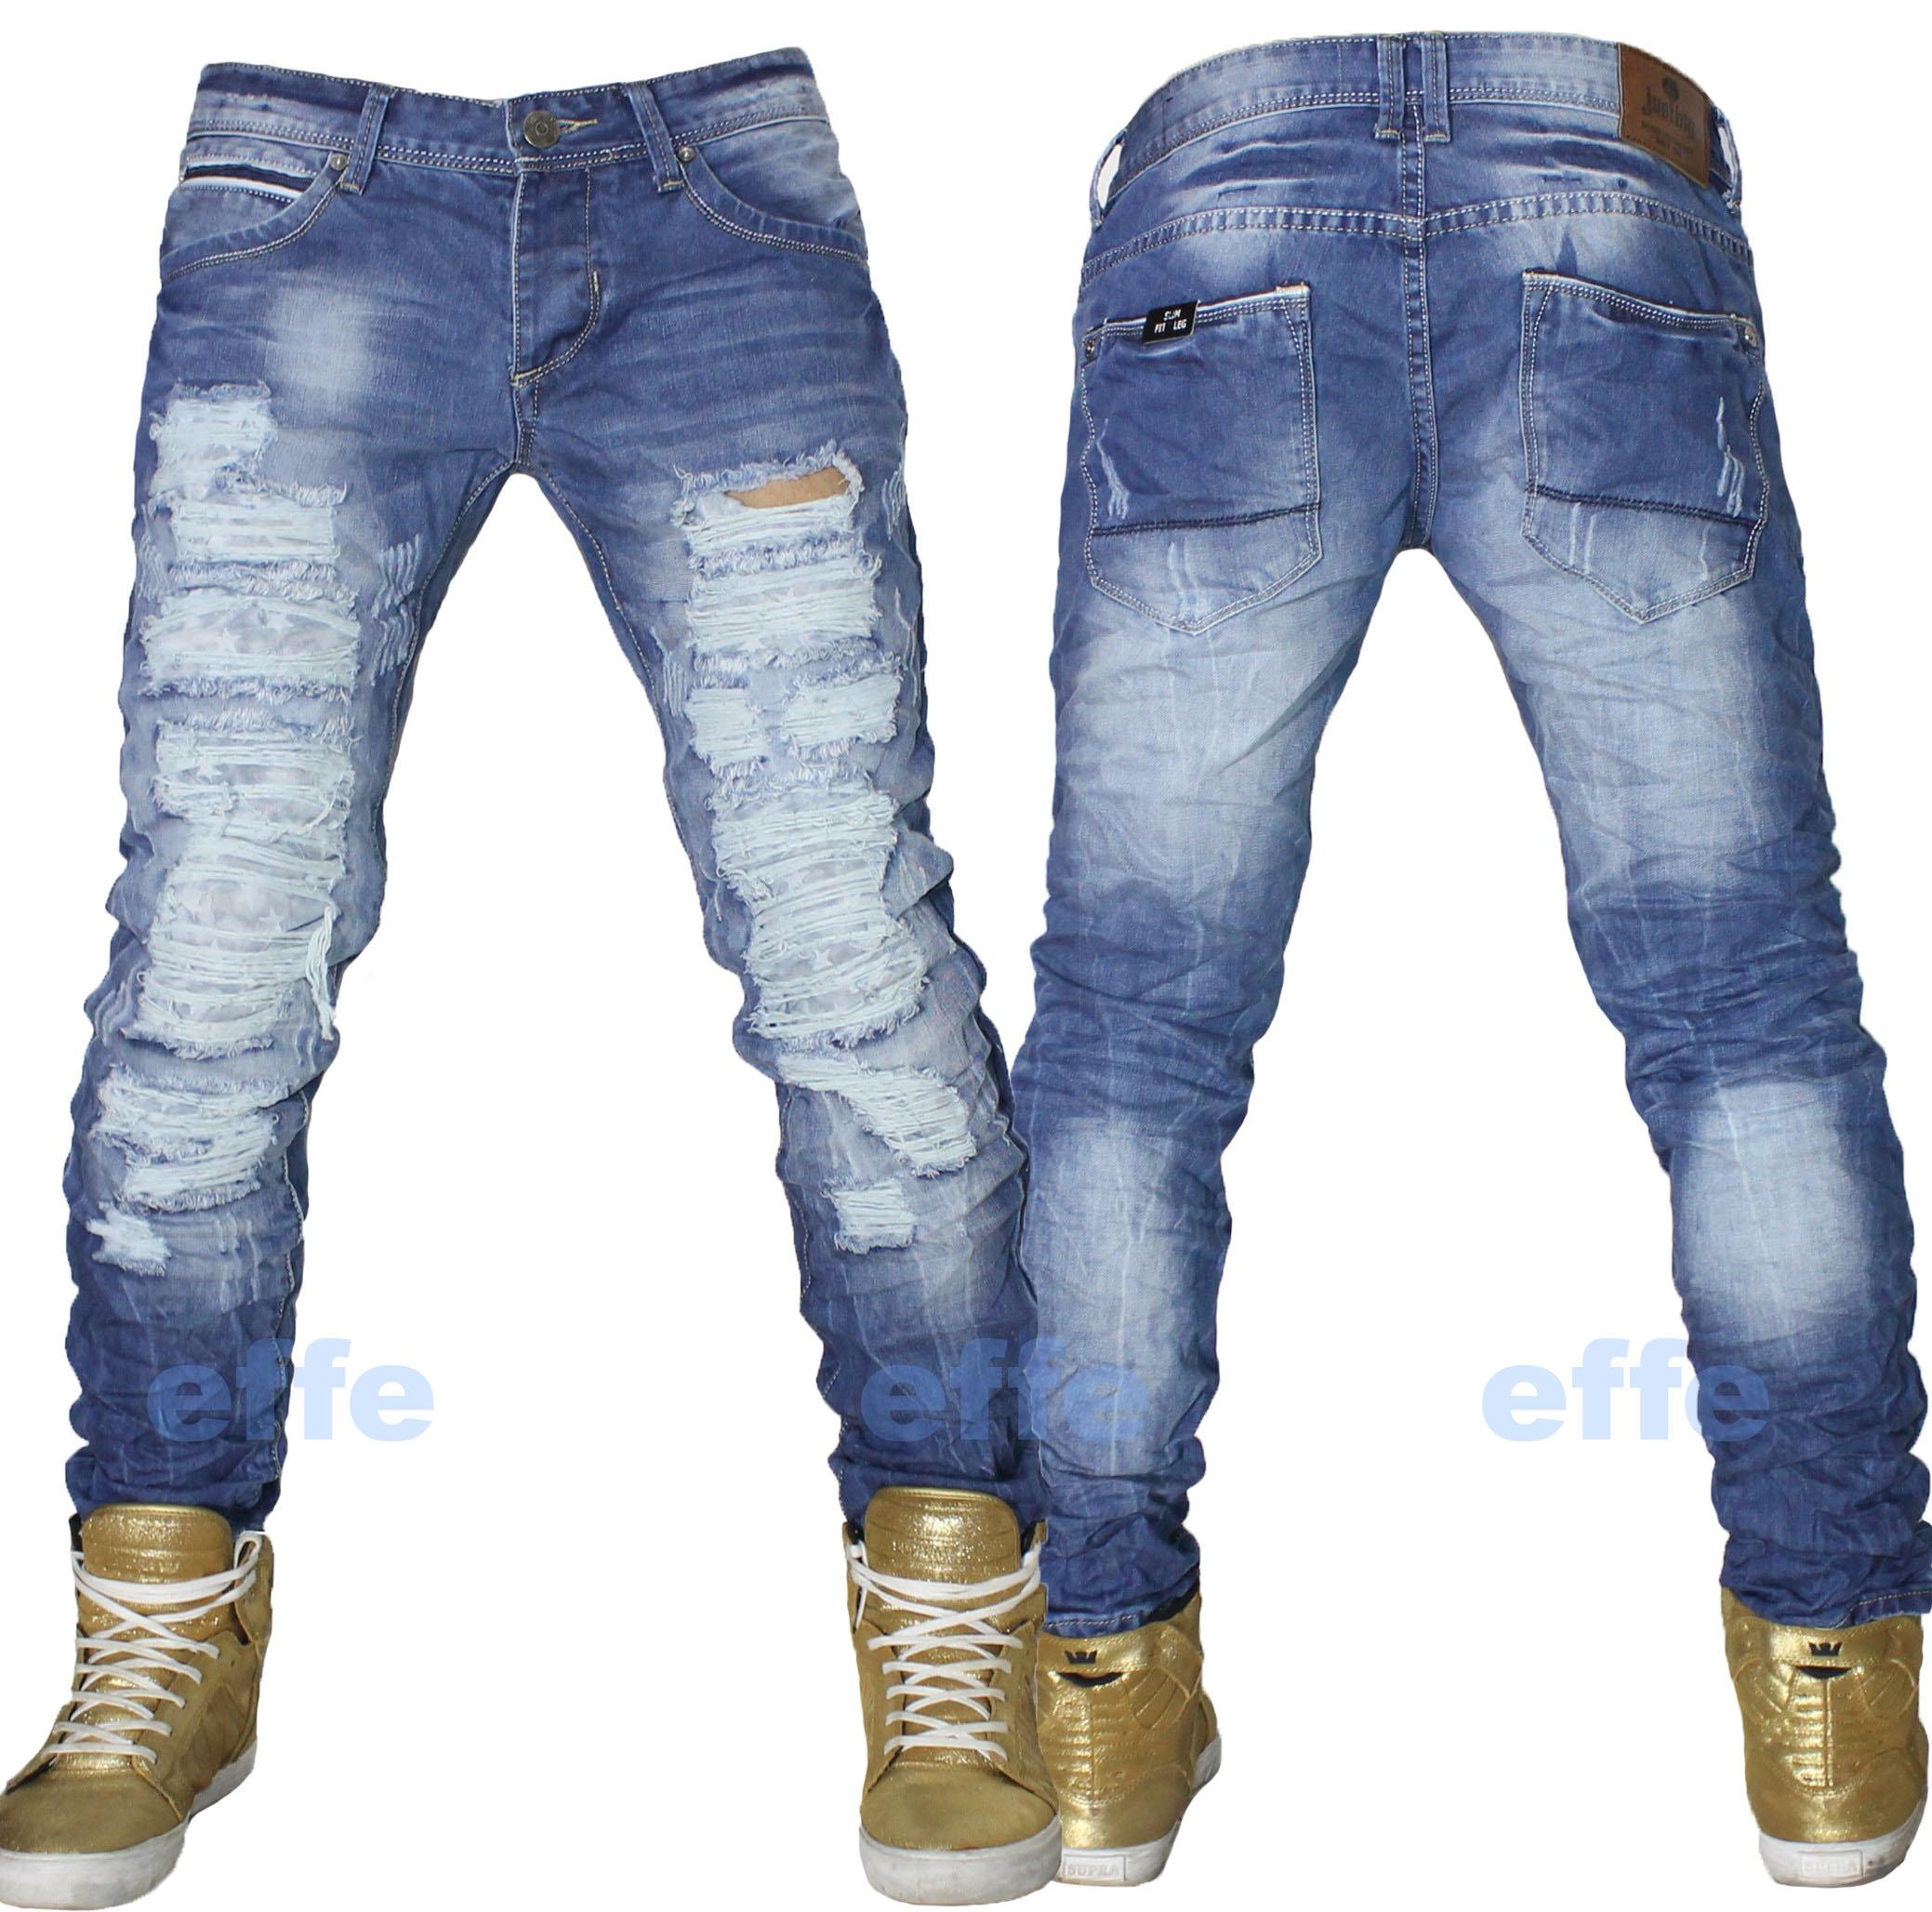 selezione migliore 53e87 910b7 Dettagli su Jeans uomo Strappati pantaloni sfilacciati DENIM slim fit leg  regular nuovo